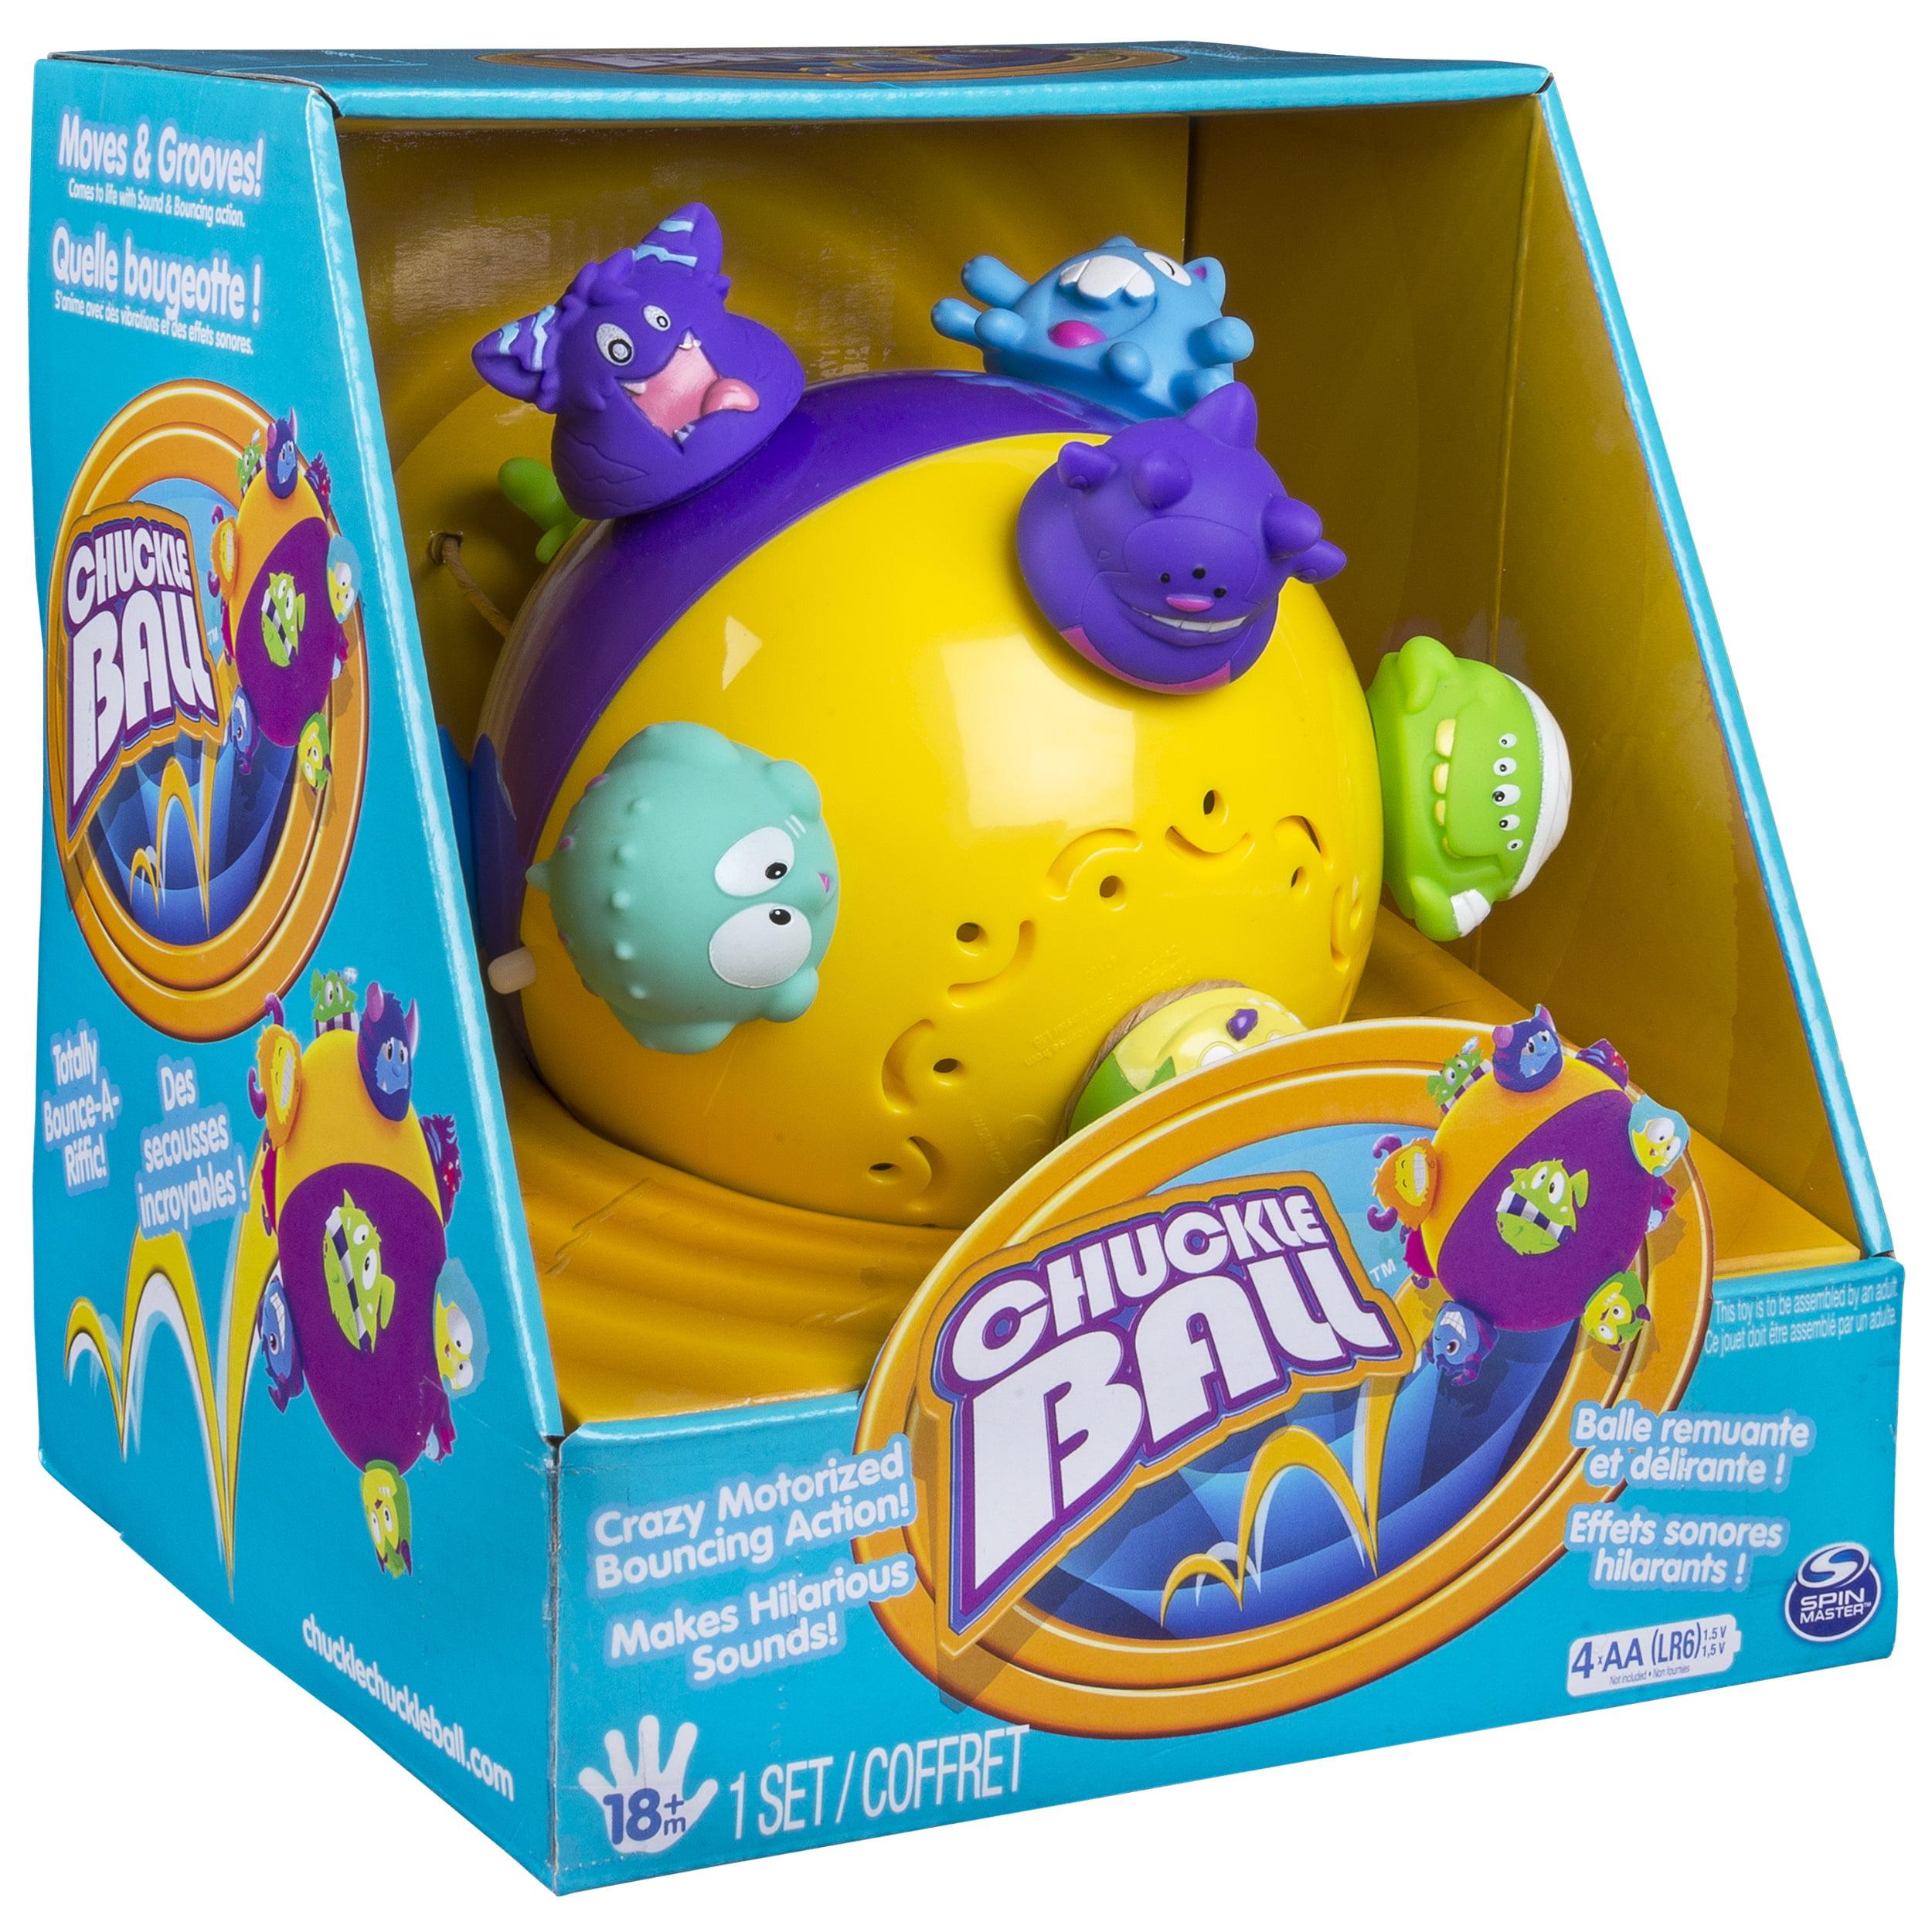 Chuckle Ball, Bouncing Sensory Developmental Ball - Walmart.com